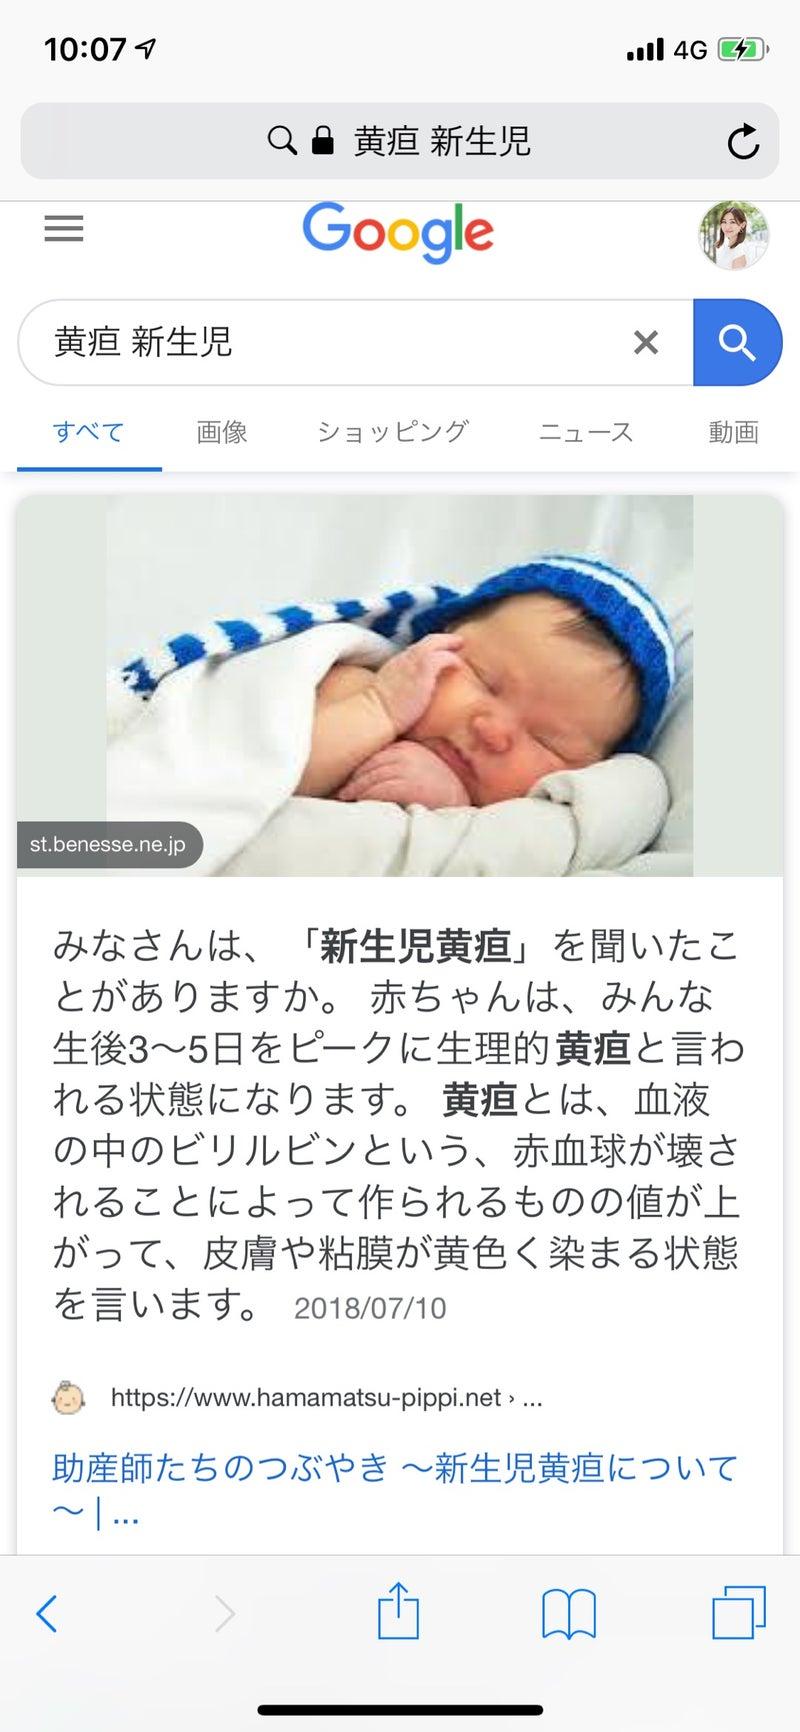 生理 的 黄疸 新生児